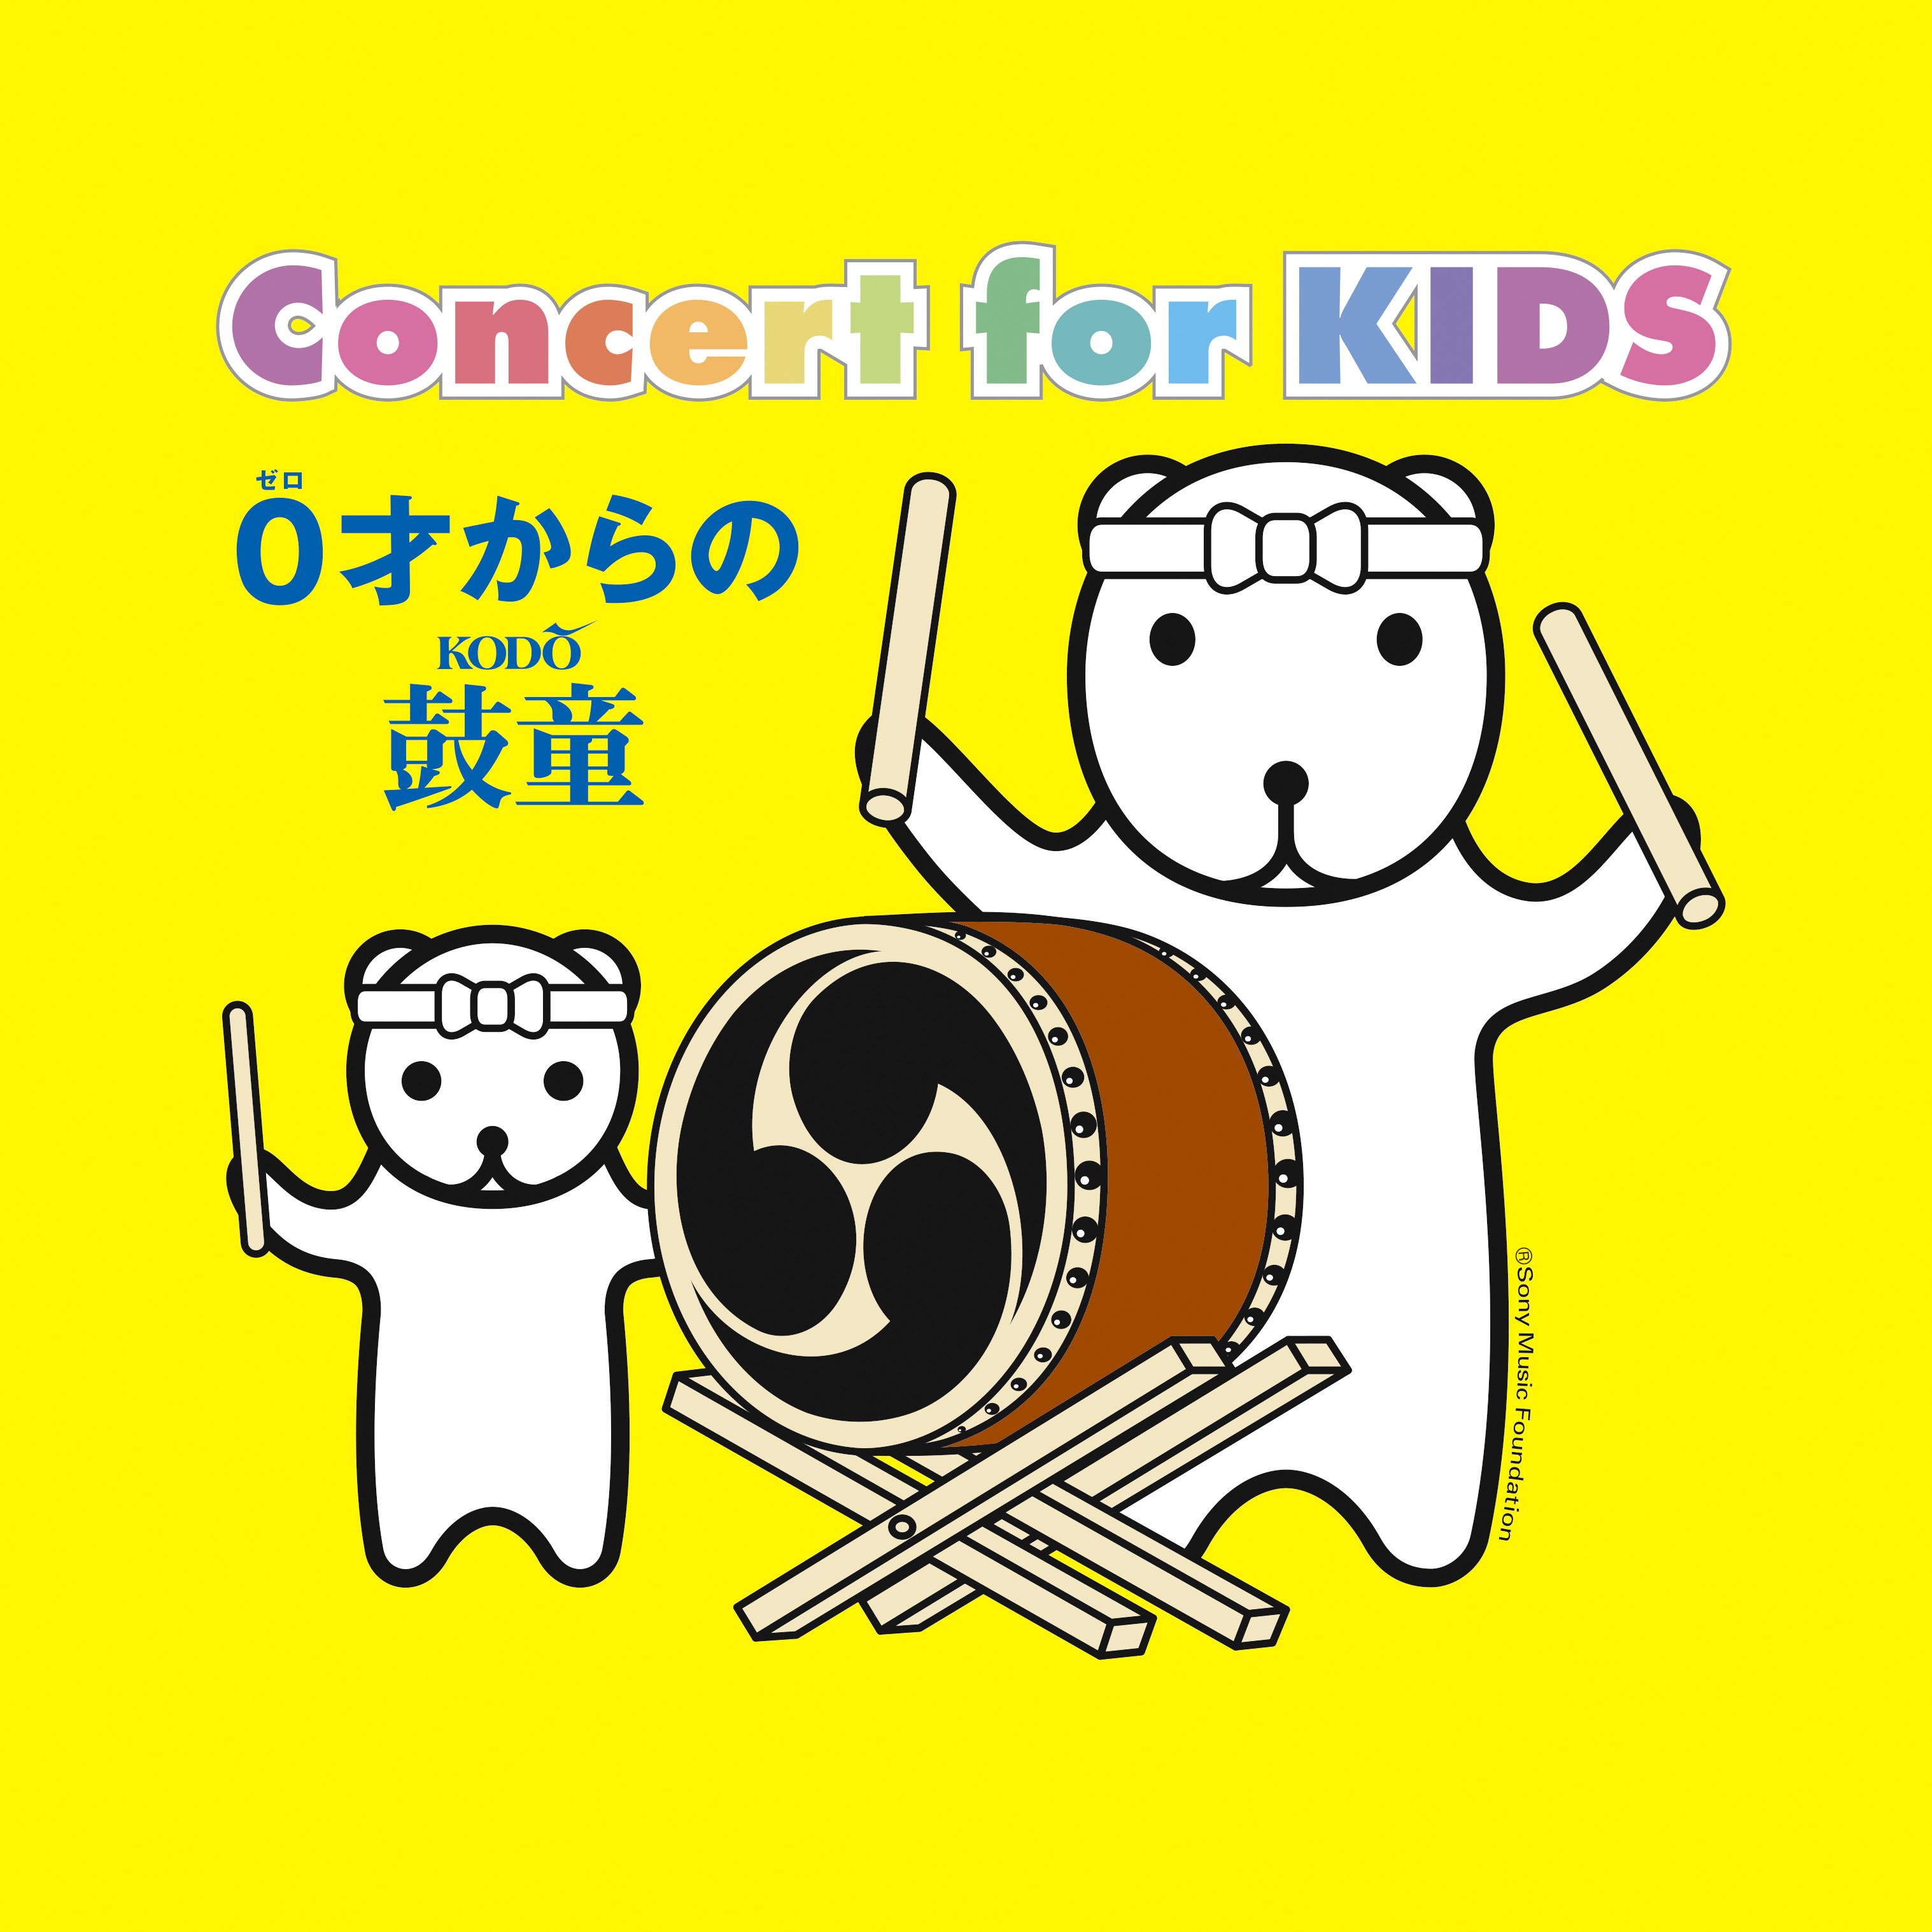 Concert for KIDS 〜0才からの鼓童〜